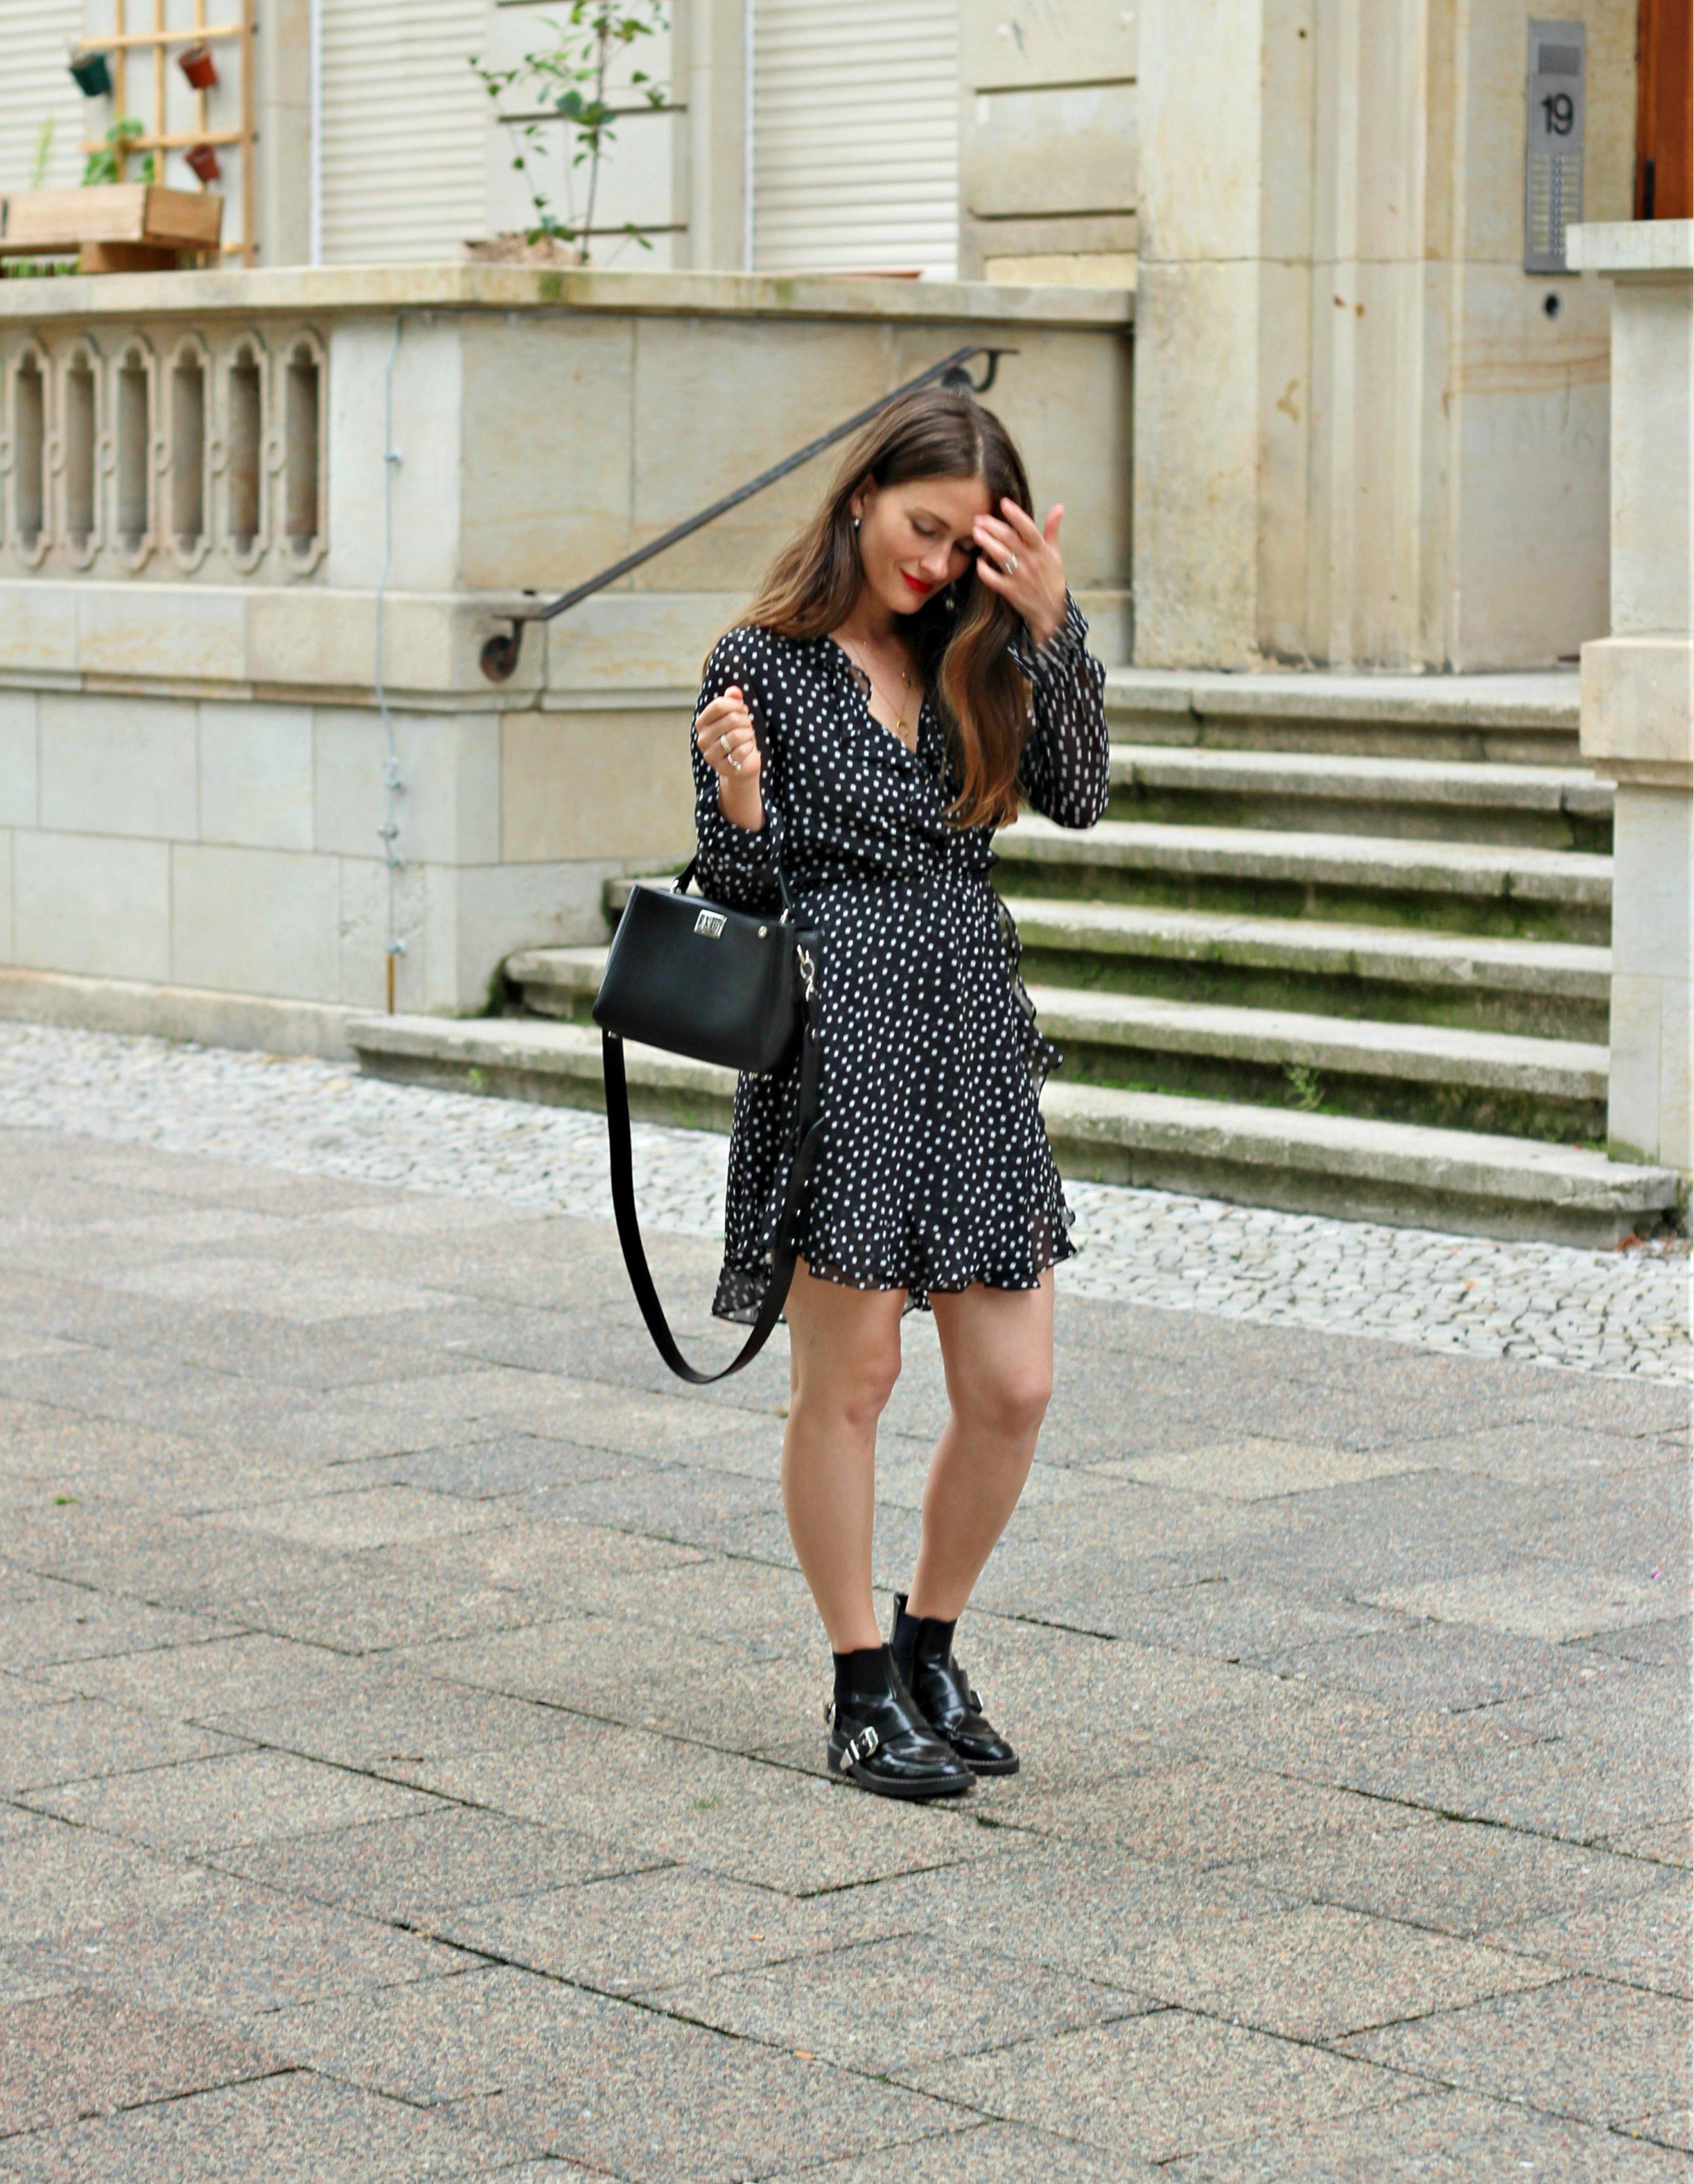 annaporter-wrap-dress-h&m-polka-dot